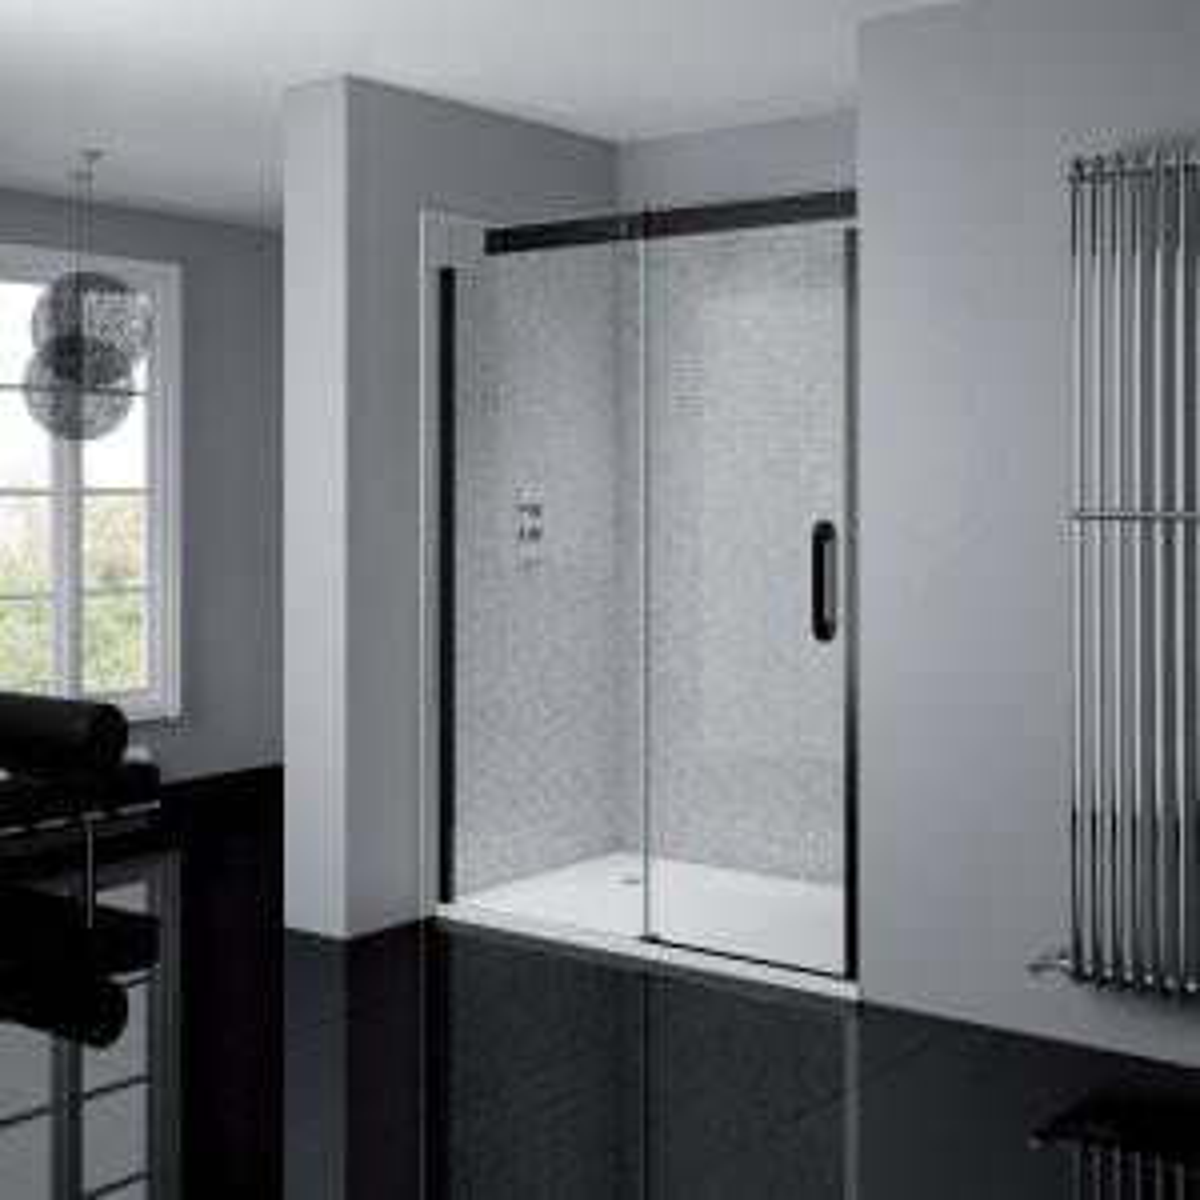 April Prestige2 Black Frameless Sliding Shower Door with Optional Side Panel